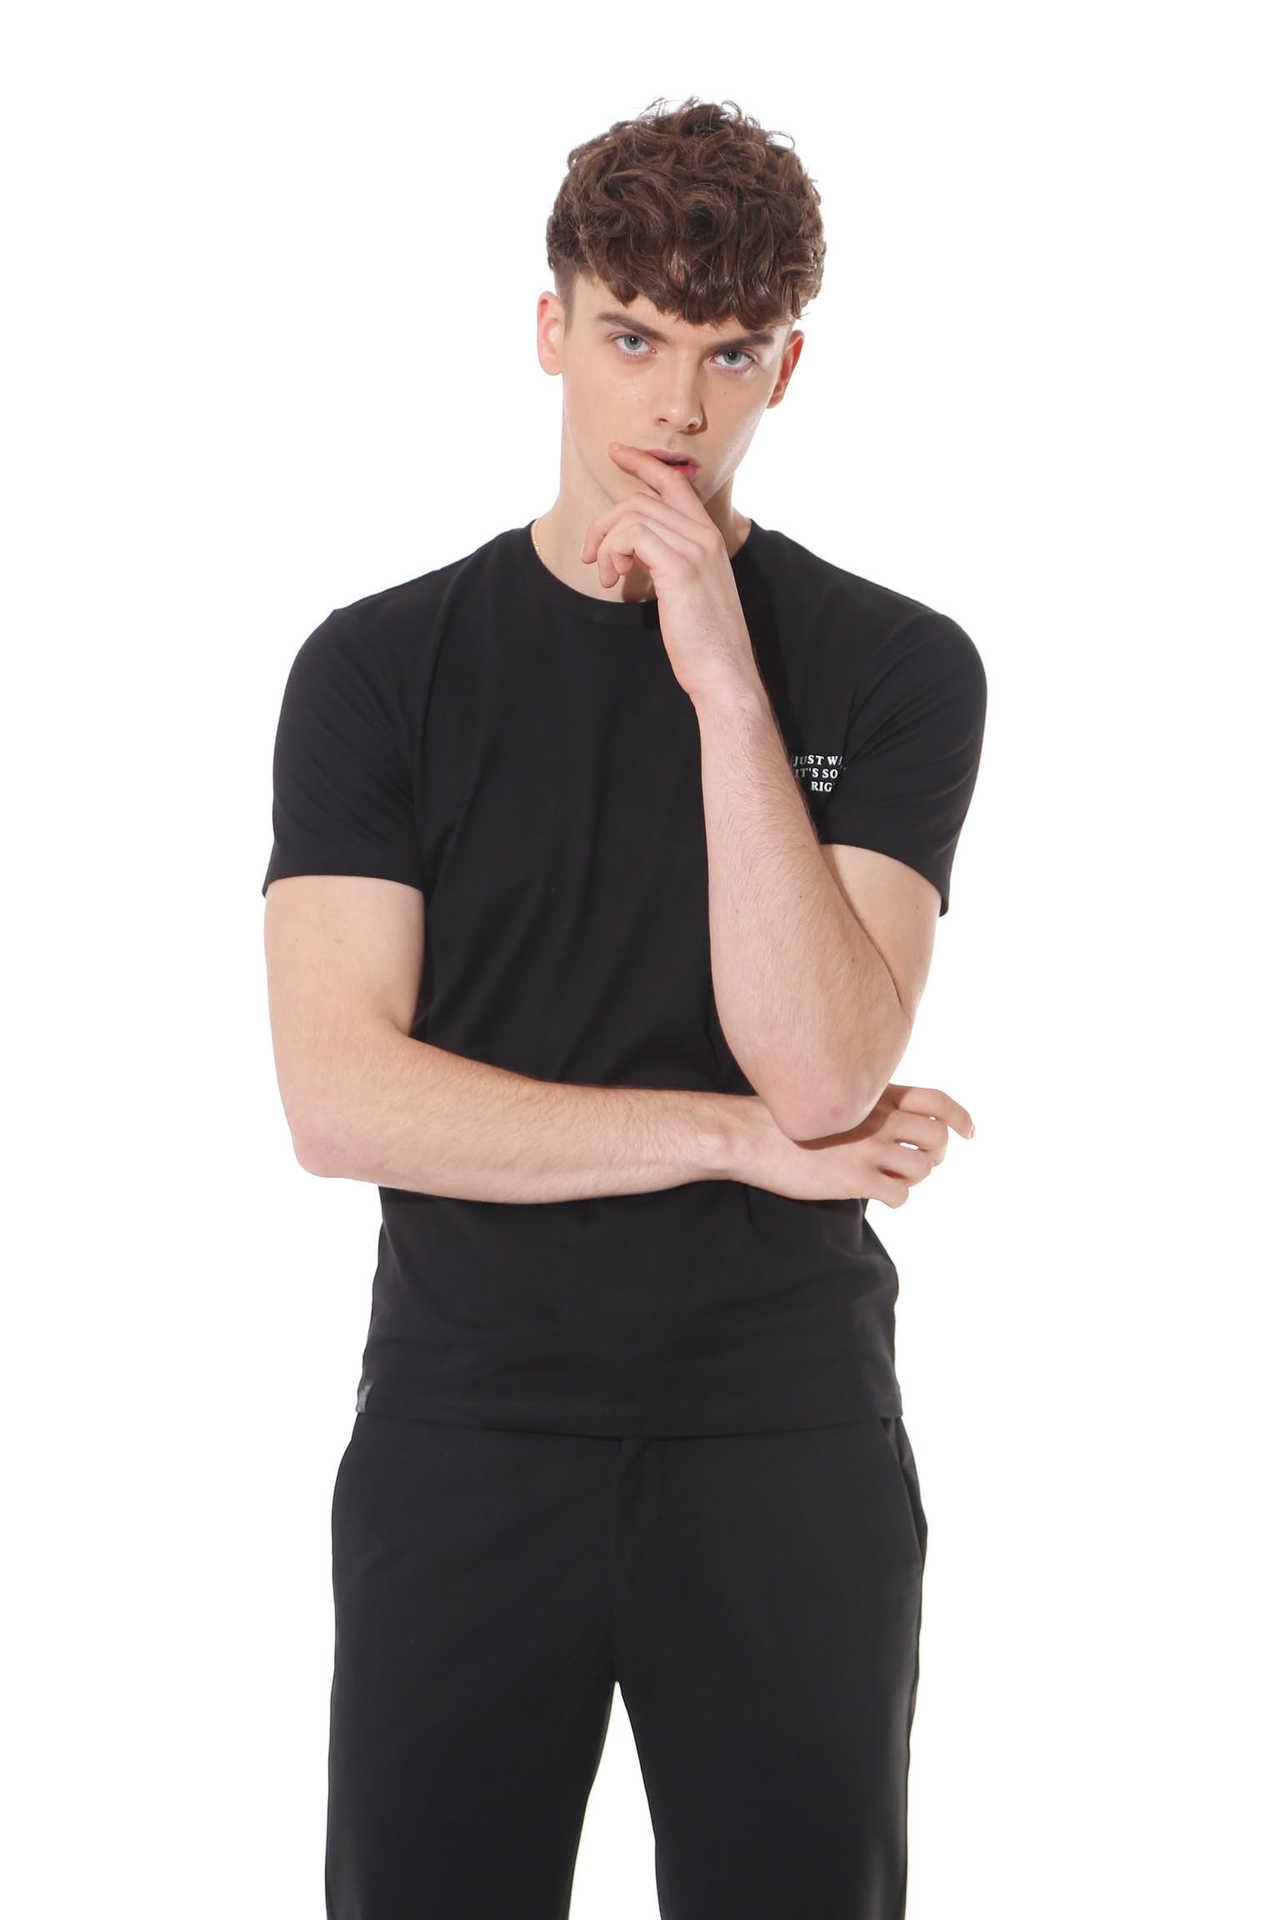 目前佐纳利品牌服饰销量怎么样 ZENL风尚男装服饰投资资讯